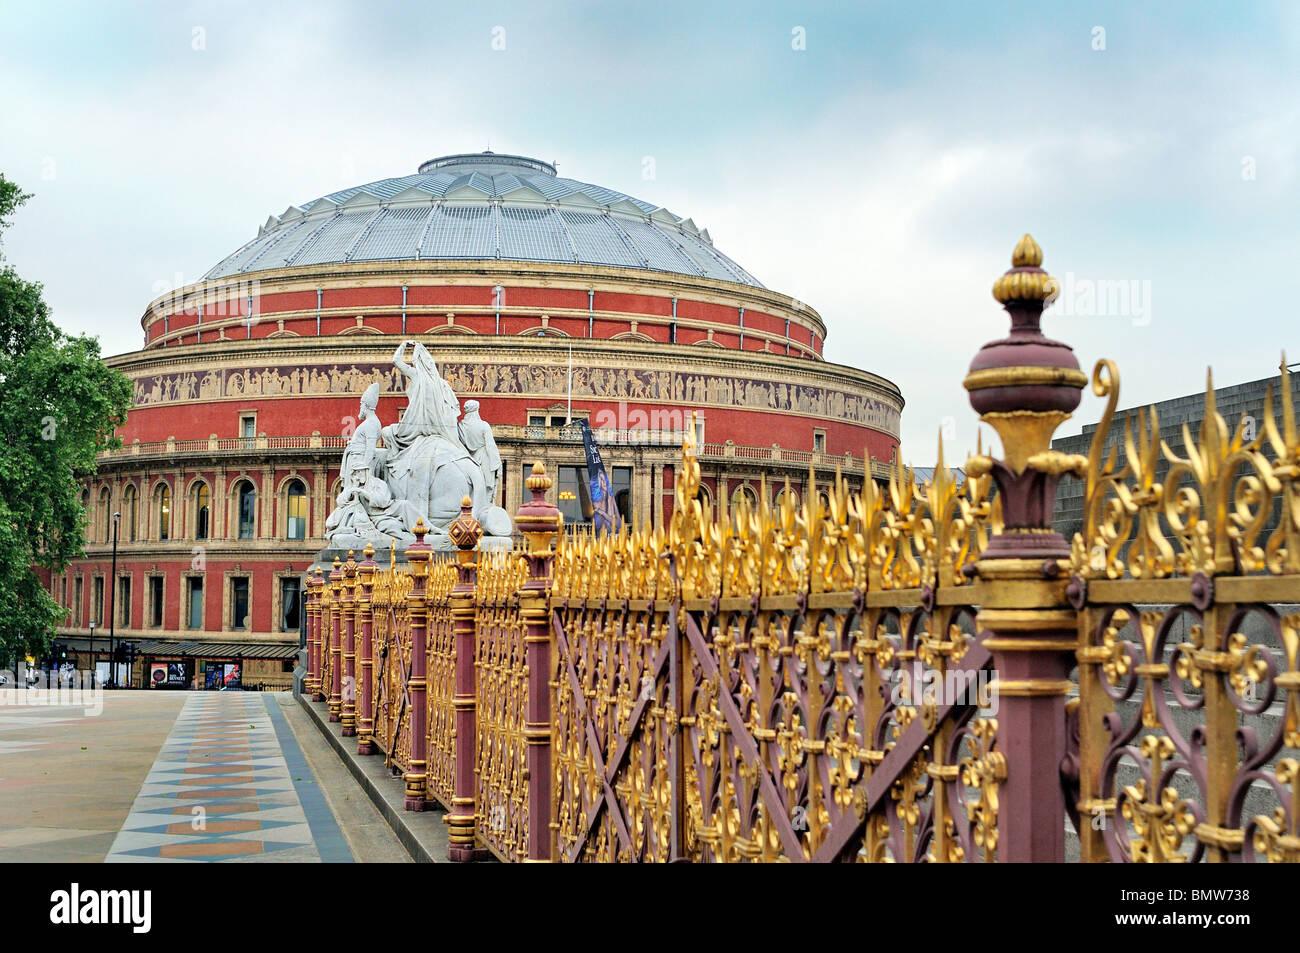 Royal Albert Hall - Stock Image